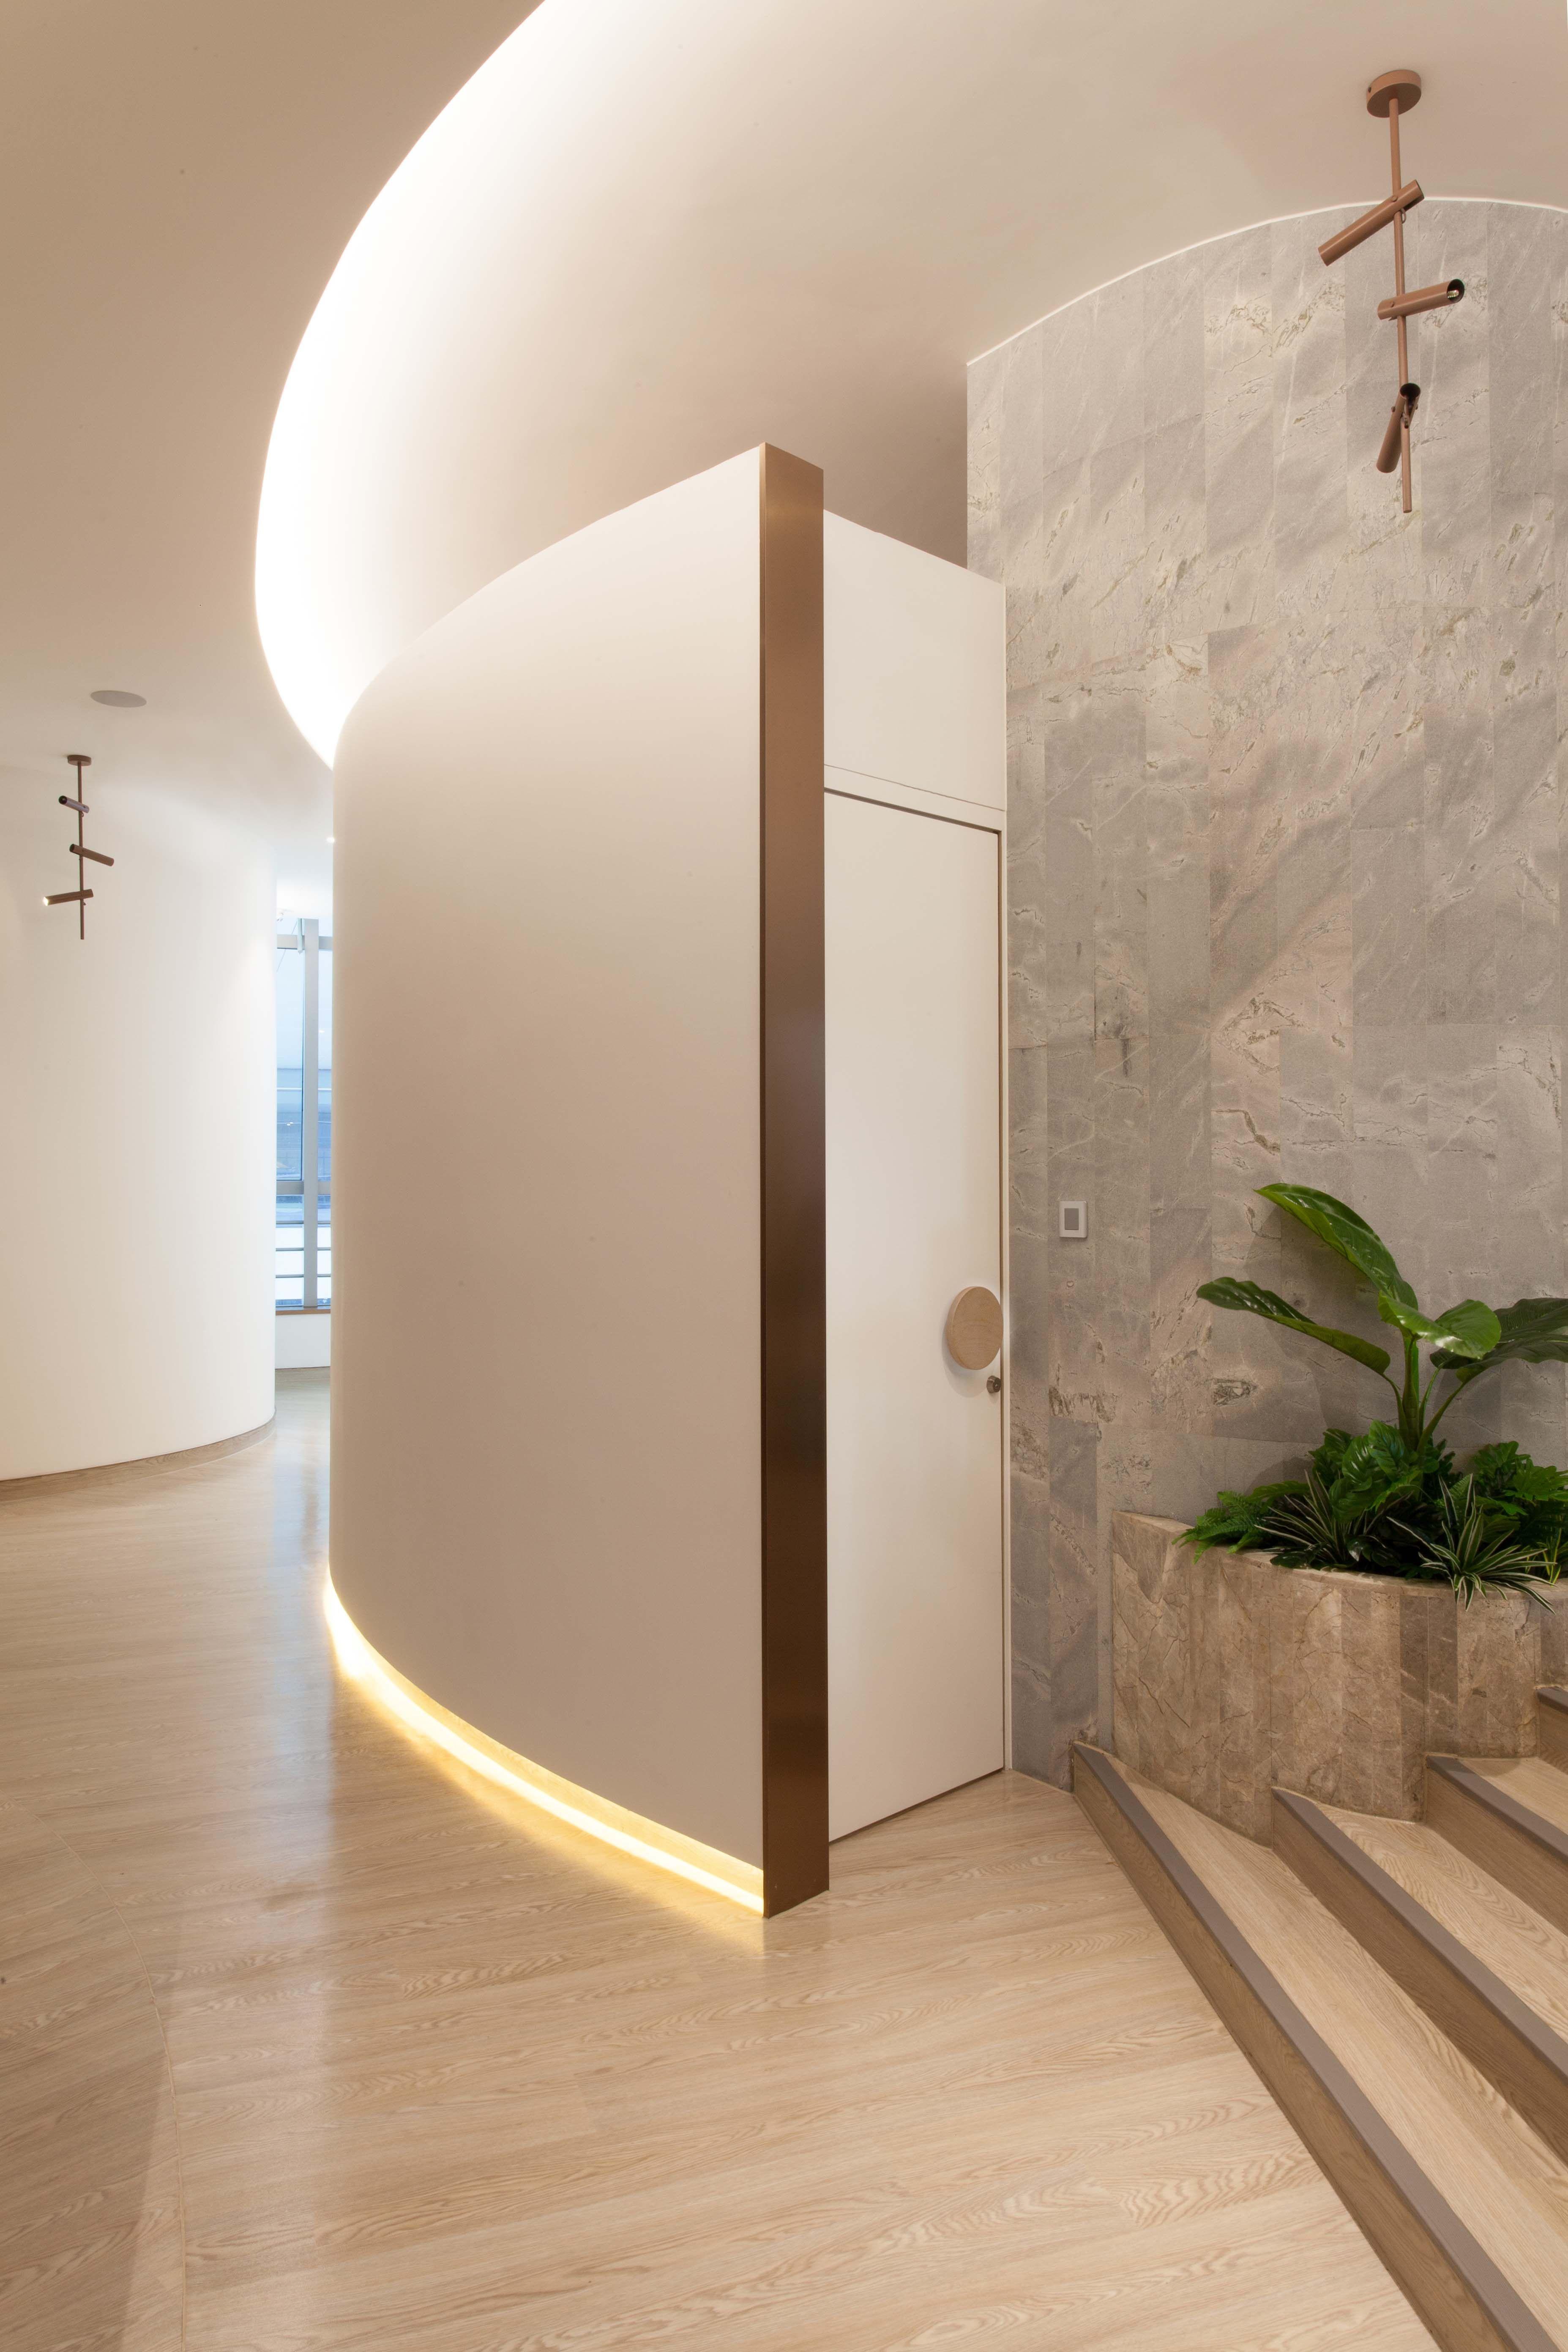 Studio Adjective Interior Design Comfort Interior Design